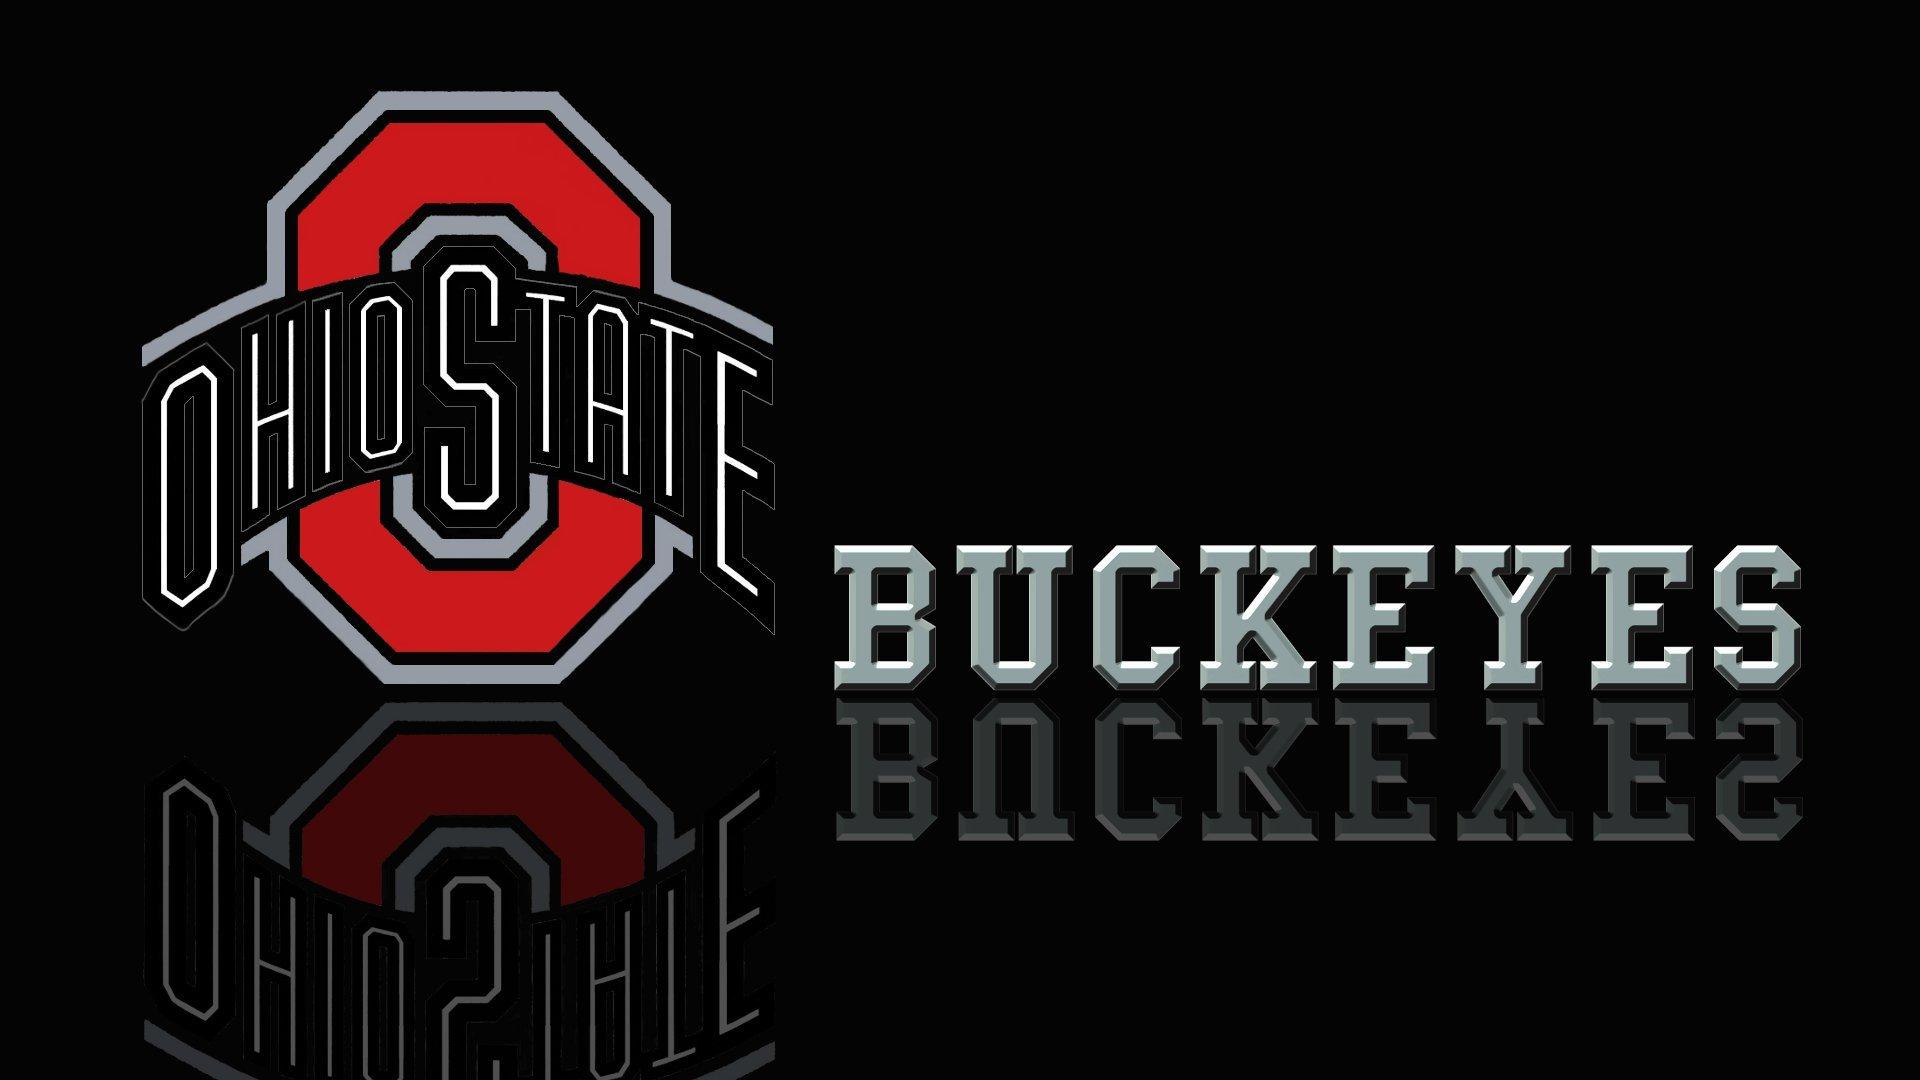 ohio state buckeyes wallpaper wallpapersdb ohio state buckeyes